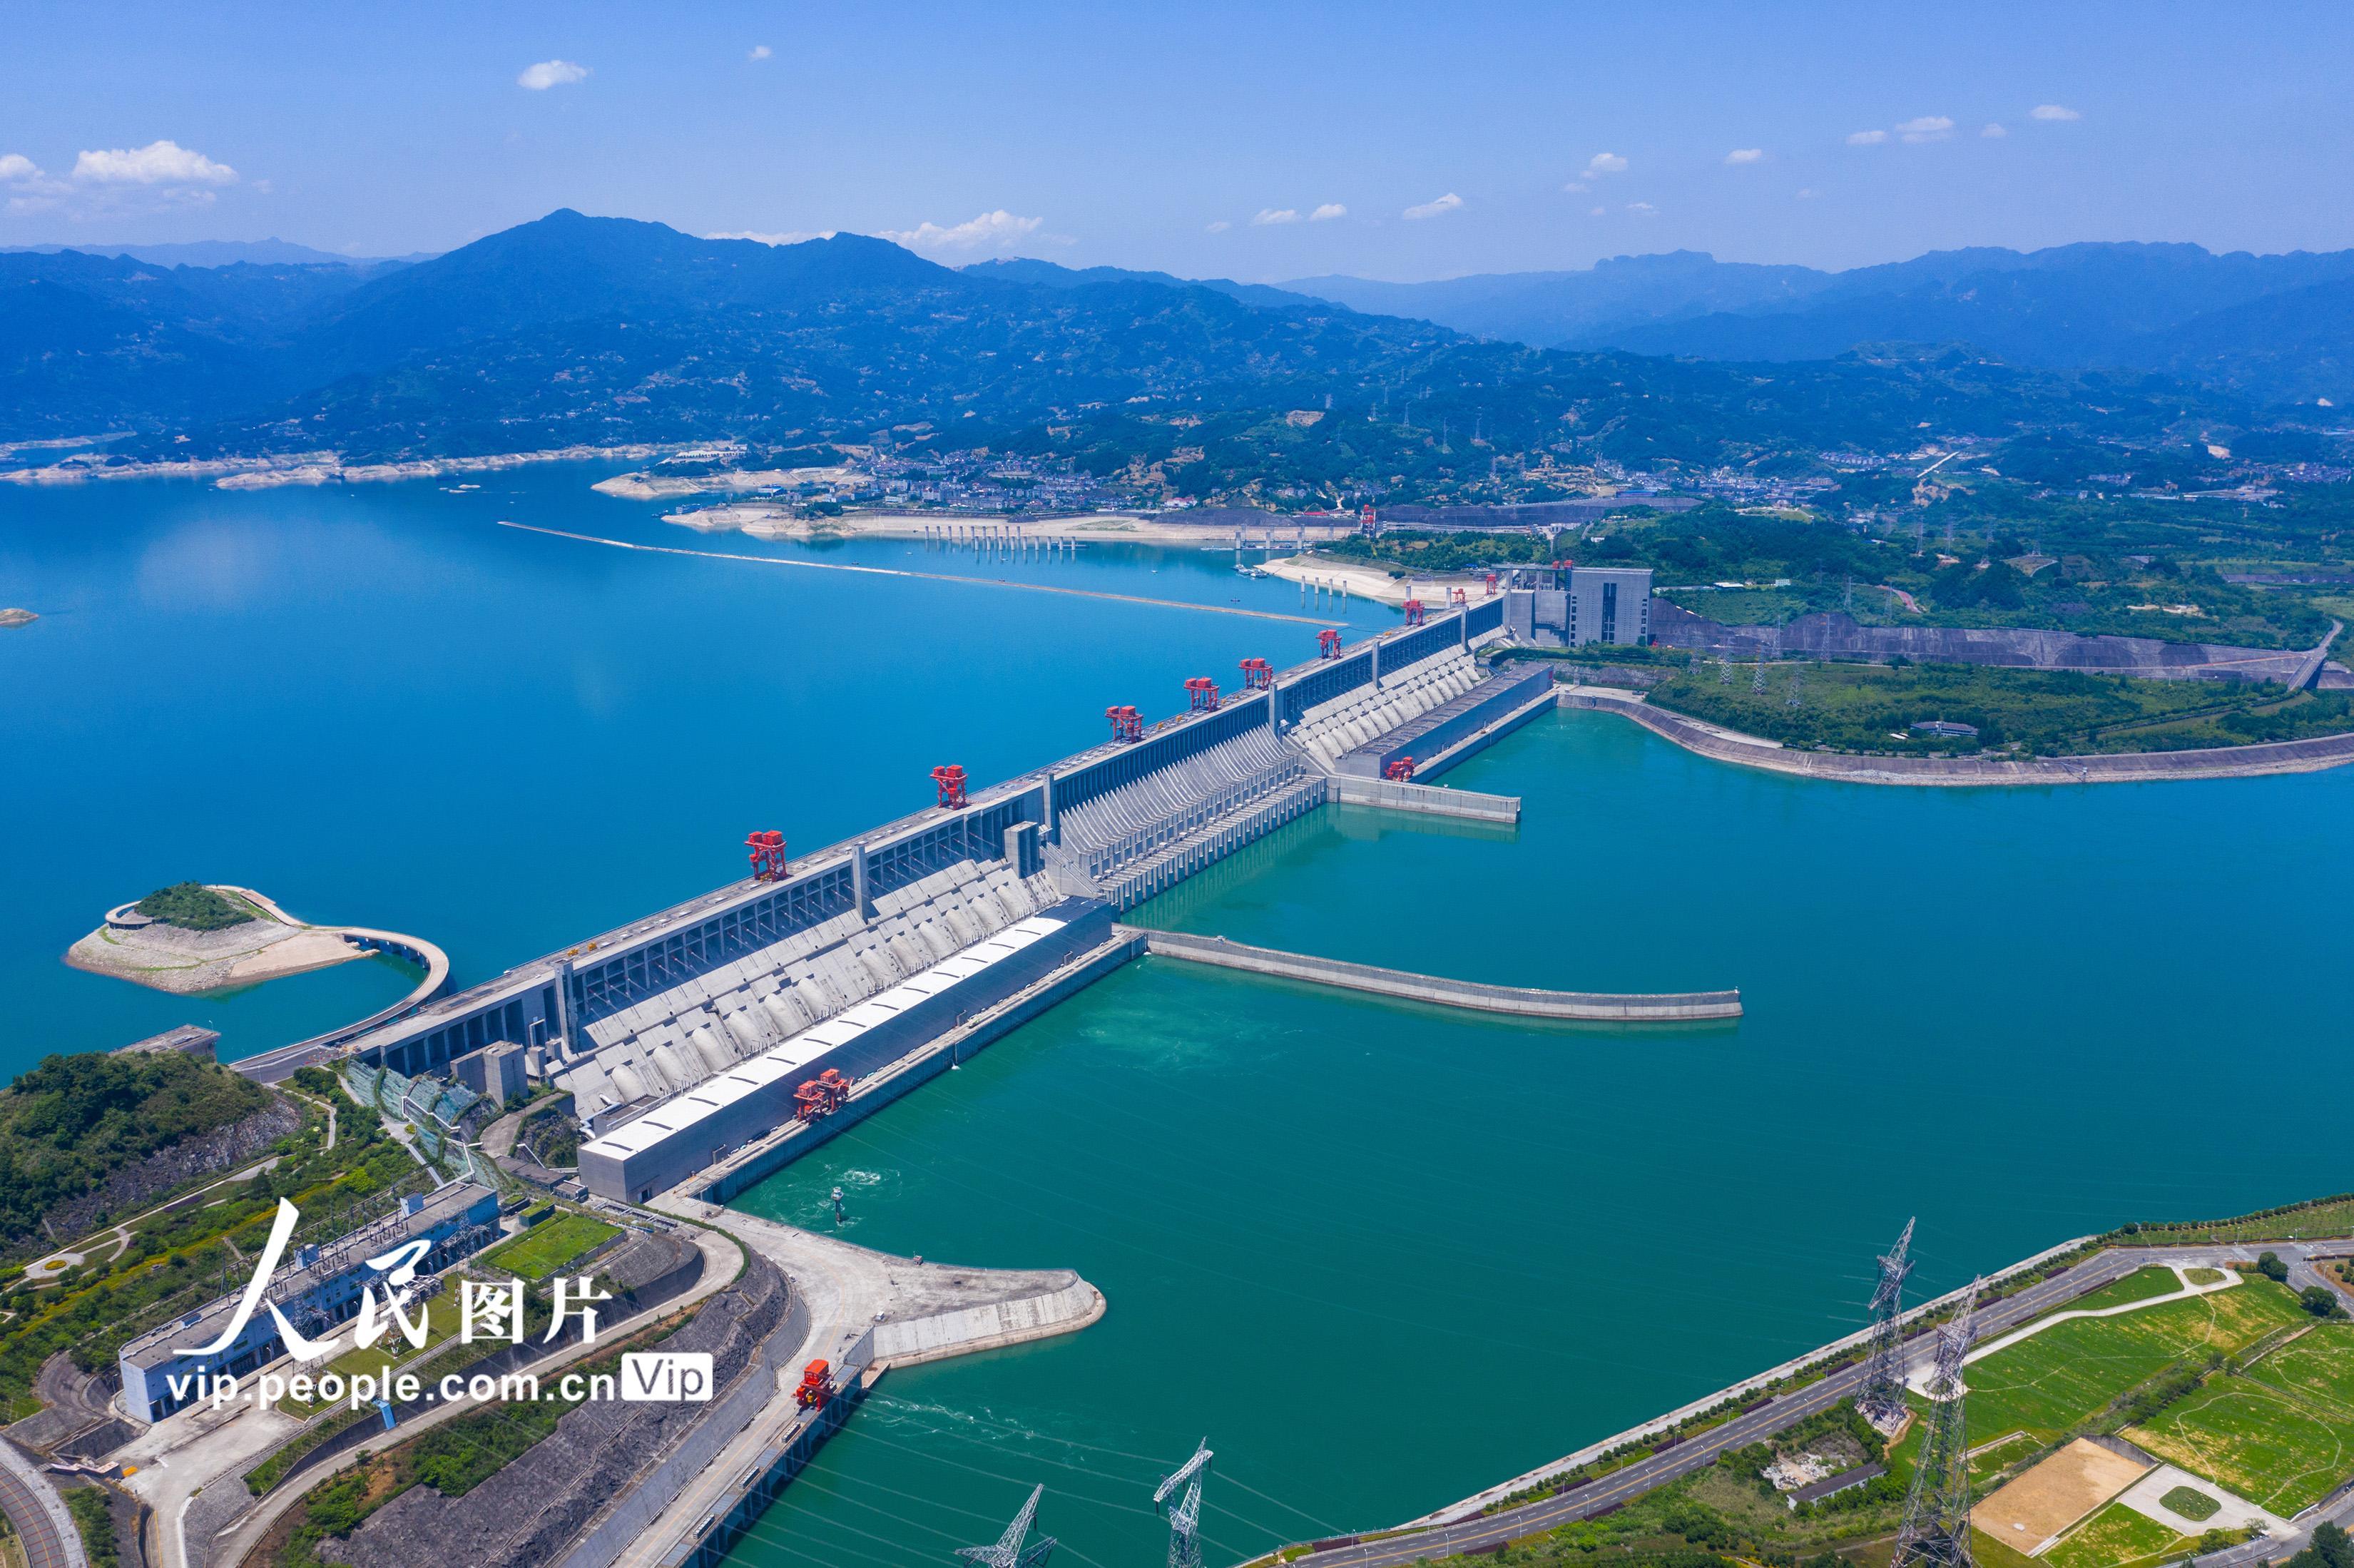 三峡 地震 黄万里_三峡水利工程黄万里_三峡+地震+黄万里